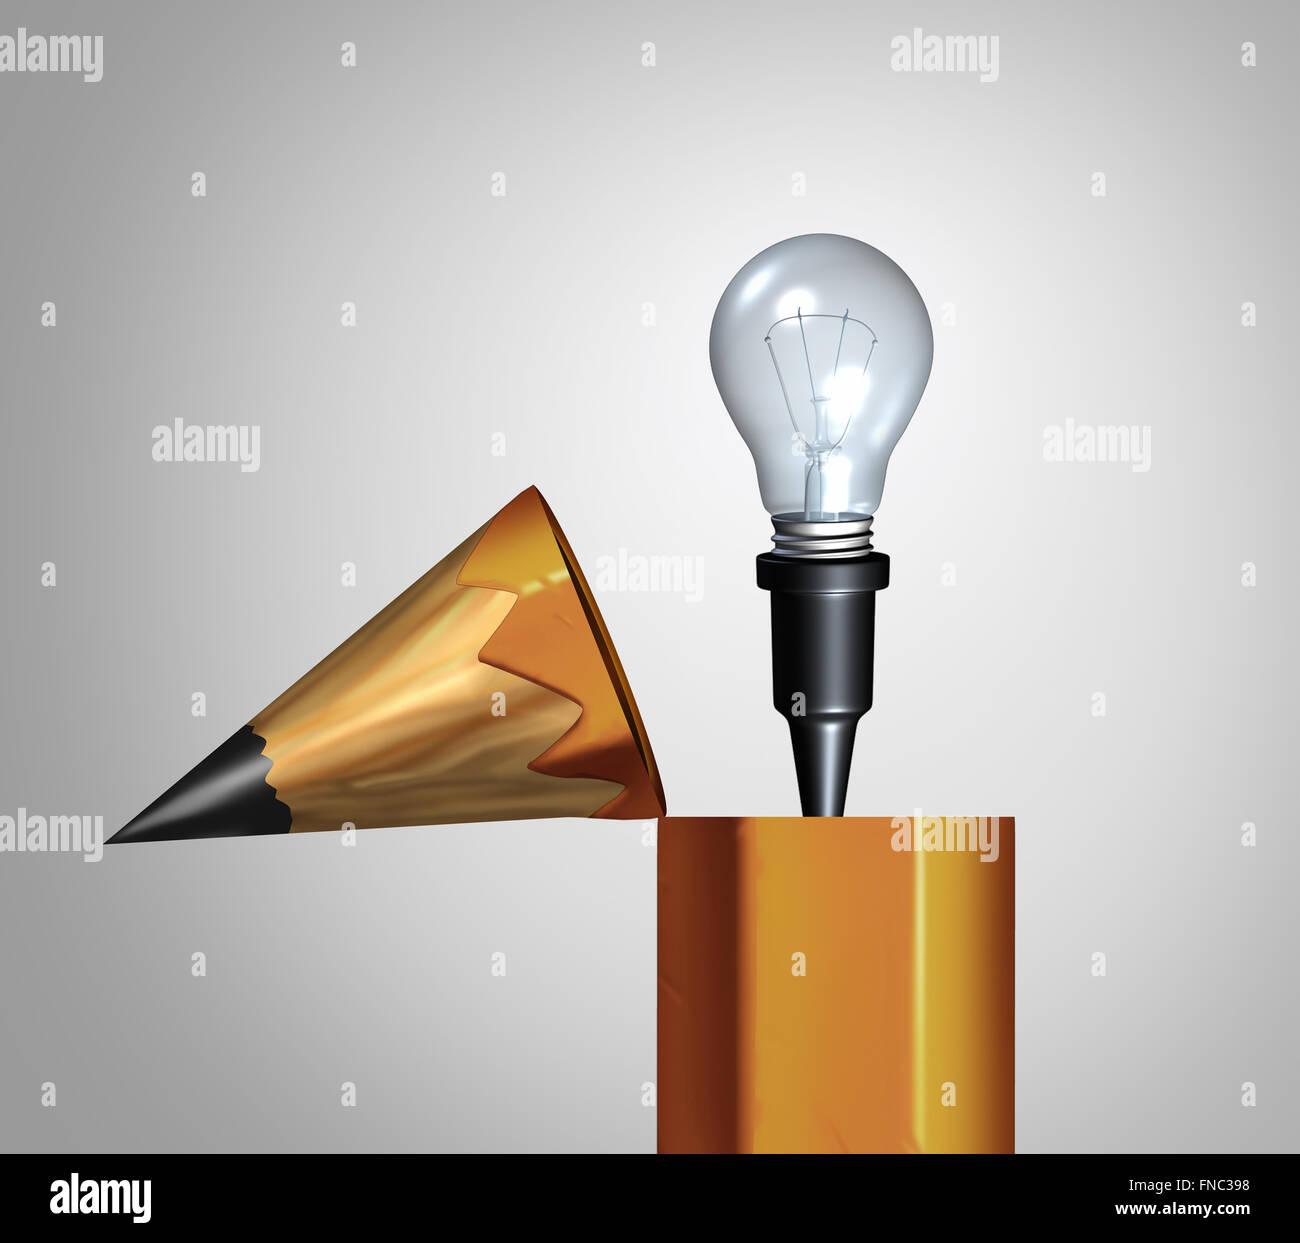 Idea matita nozione come un disegno aperto strumento con un emergente illuminato lampadina o la lampadina come una Immagini Stock